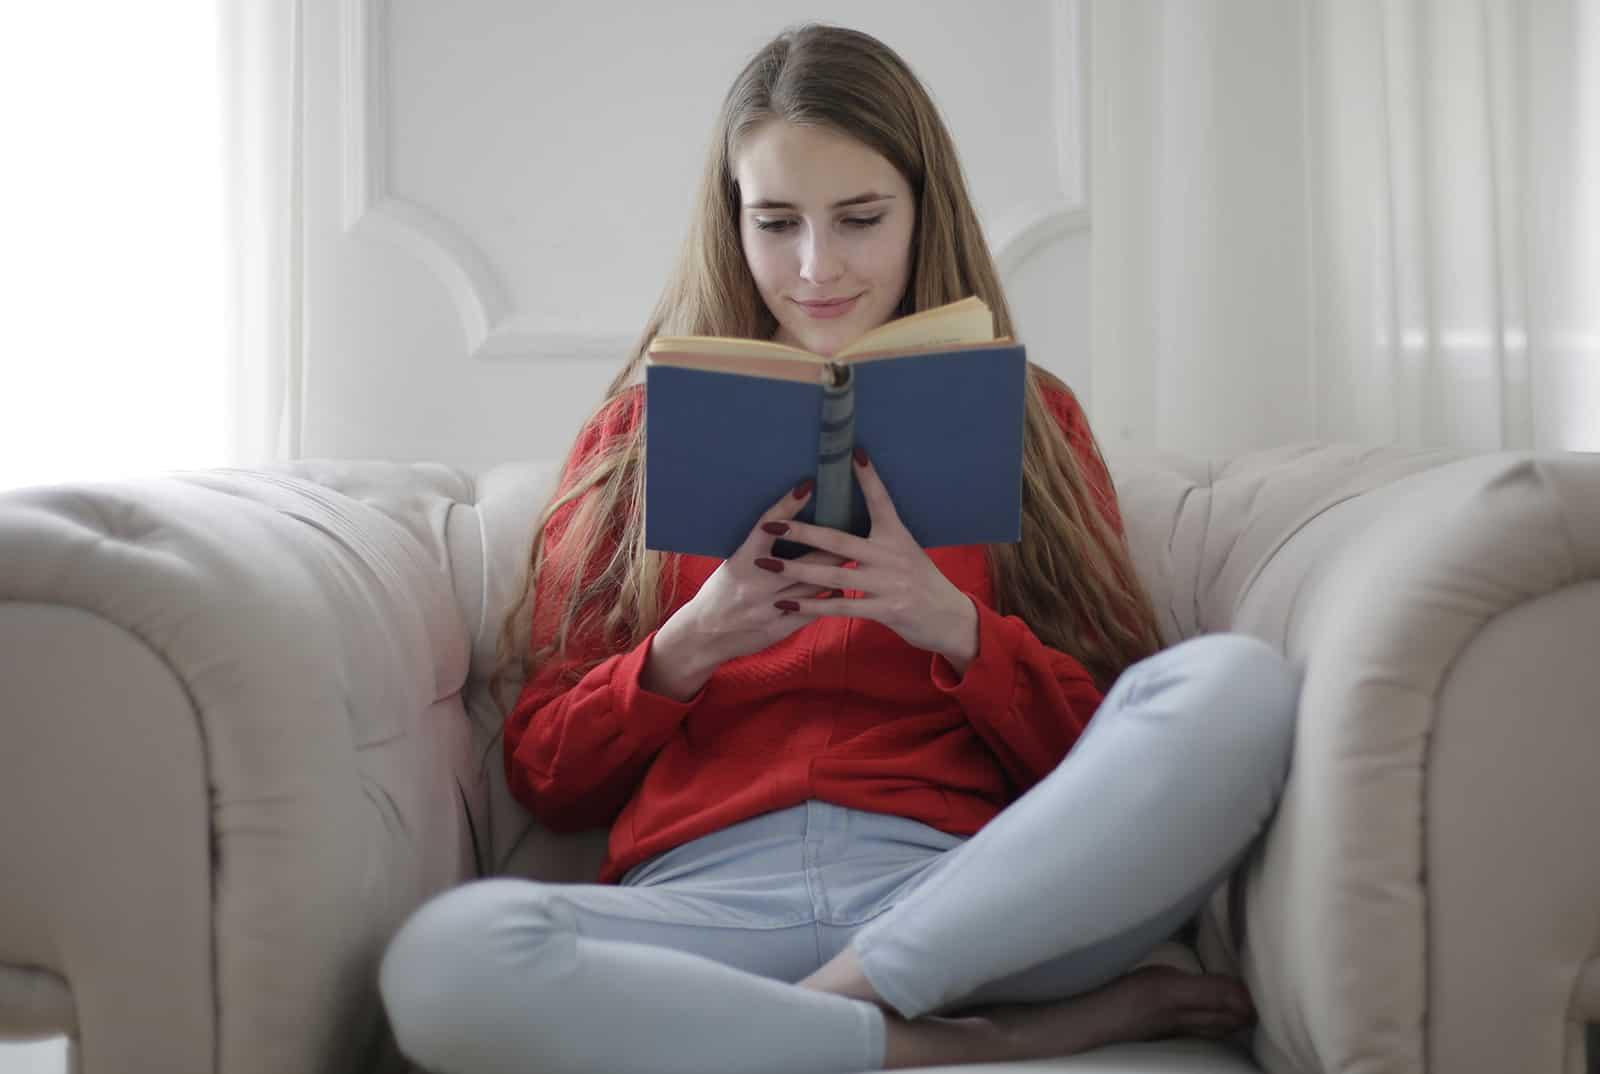 zufriedene Frau, die Buch liest, das auf einem Sessel sitzt